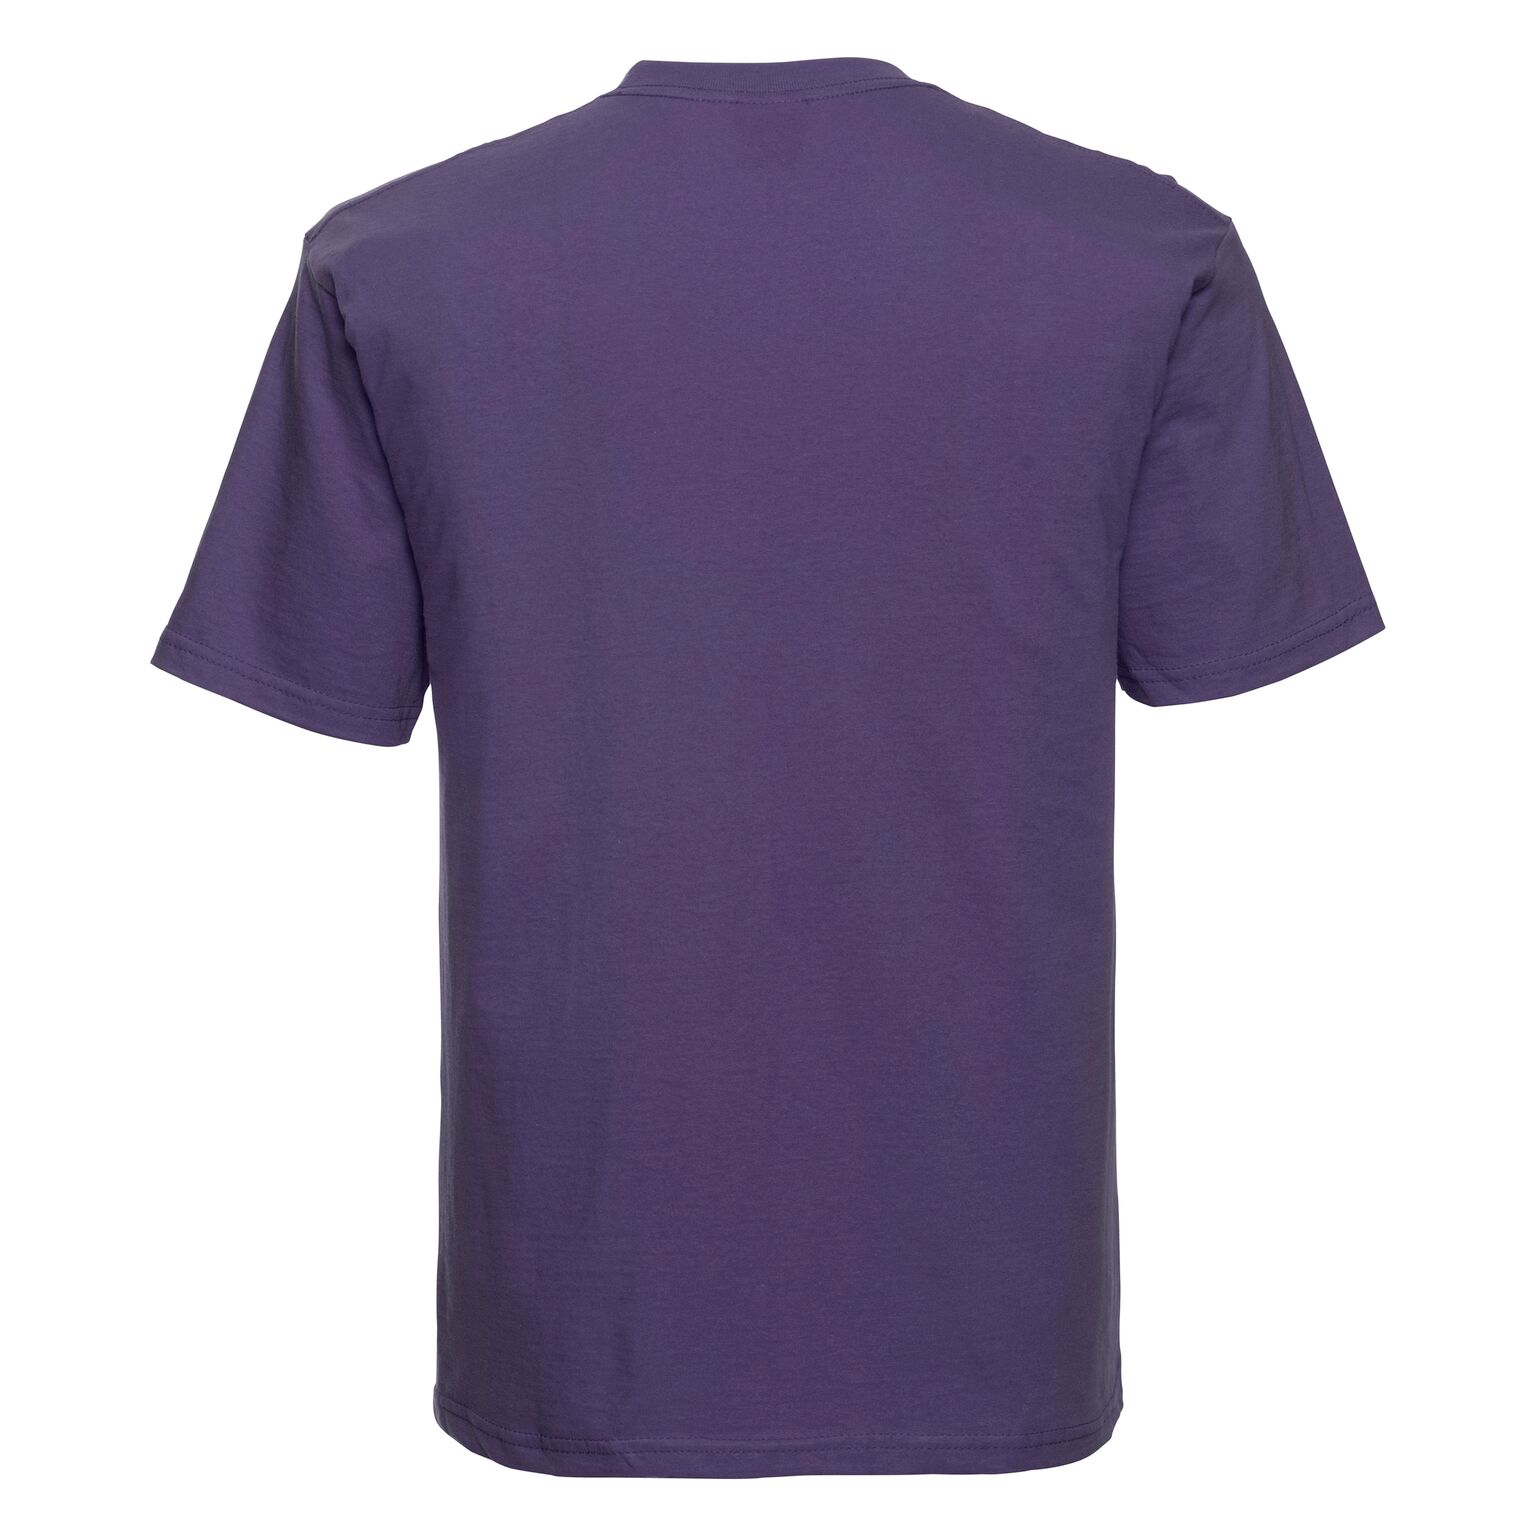 05_j180m_violet--0-0--f53b869a-d3d8-4c46-a152-24934439f2e1